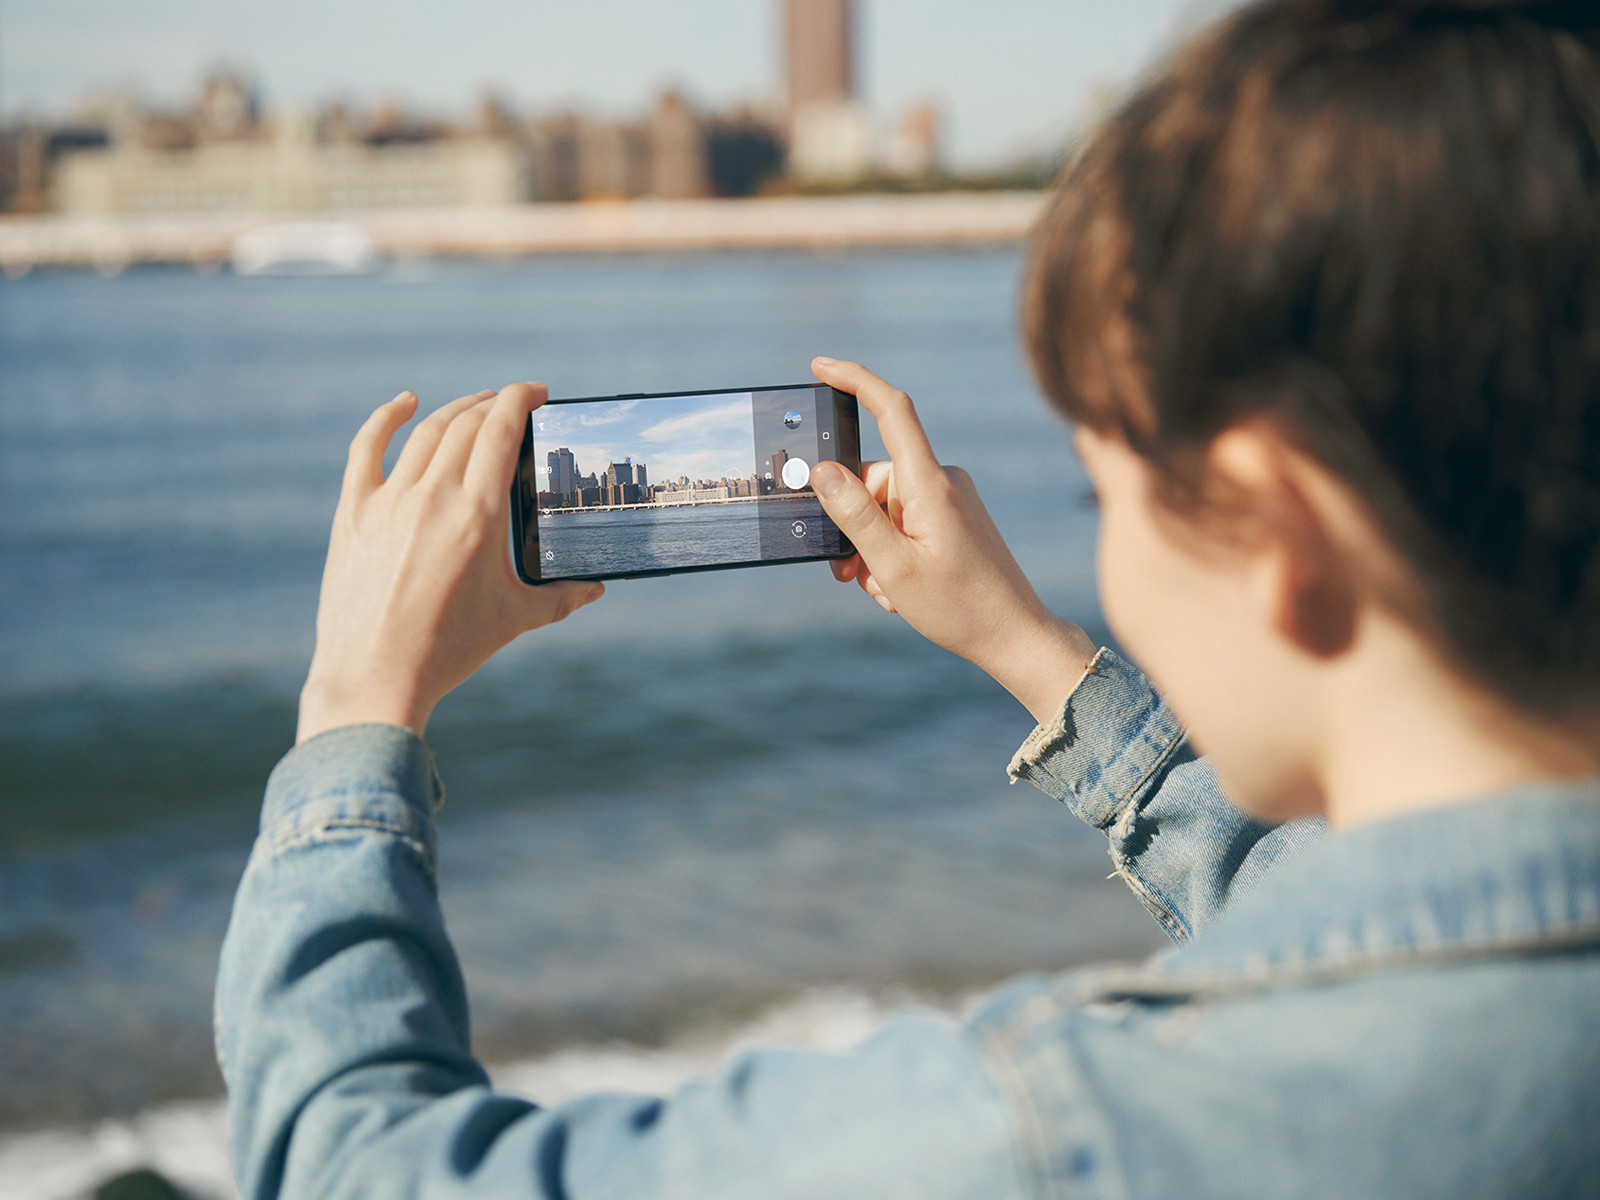 一加手机5T(128GB)时尚美图第4张